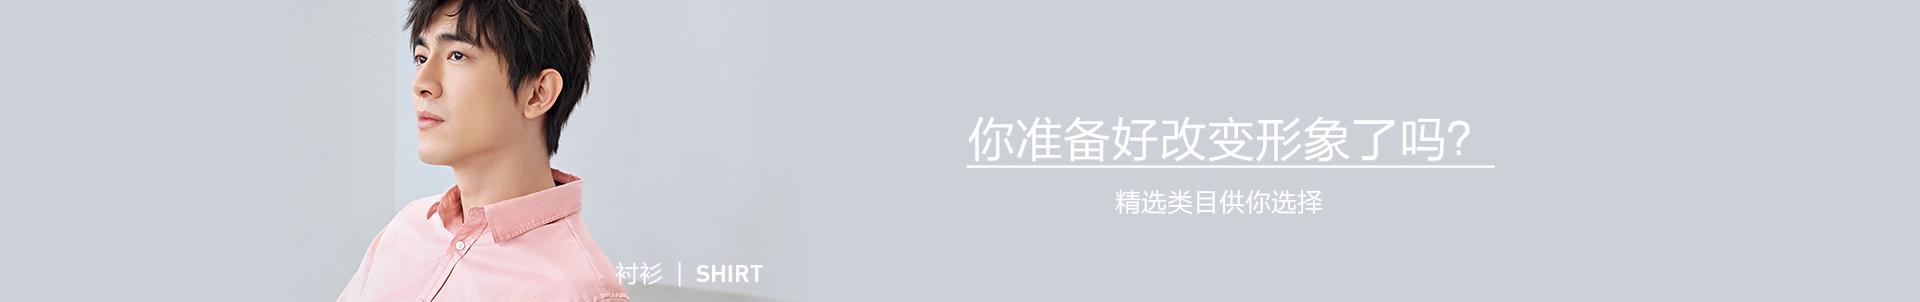 分类.jpg